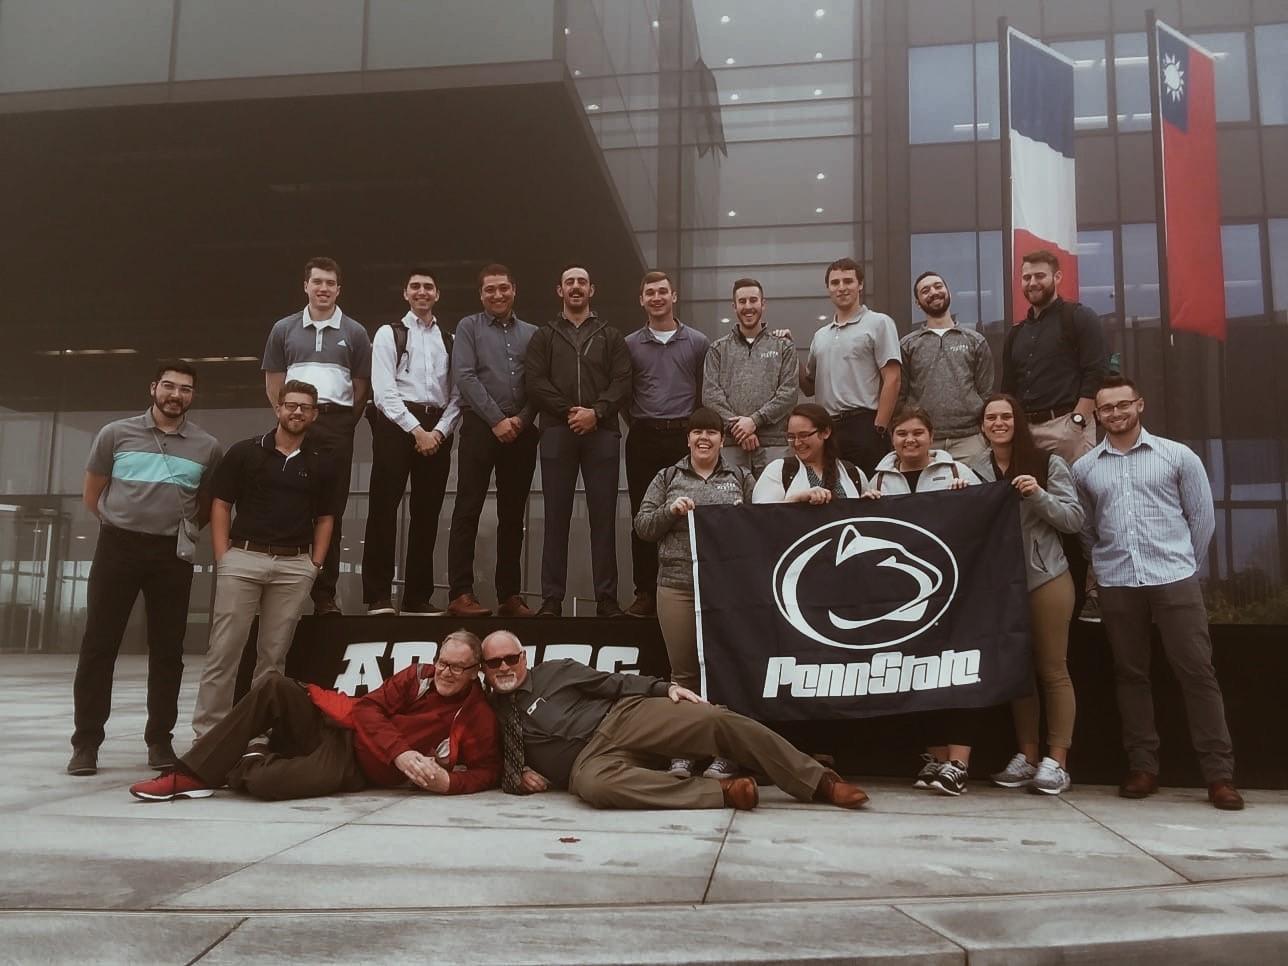 Group Photo at Arburg